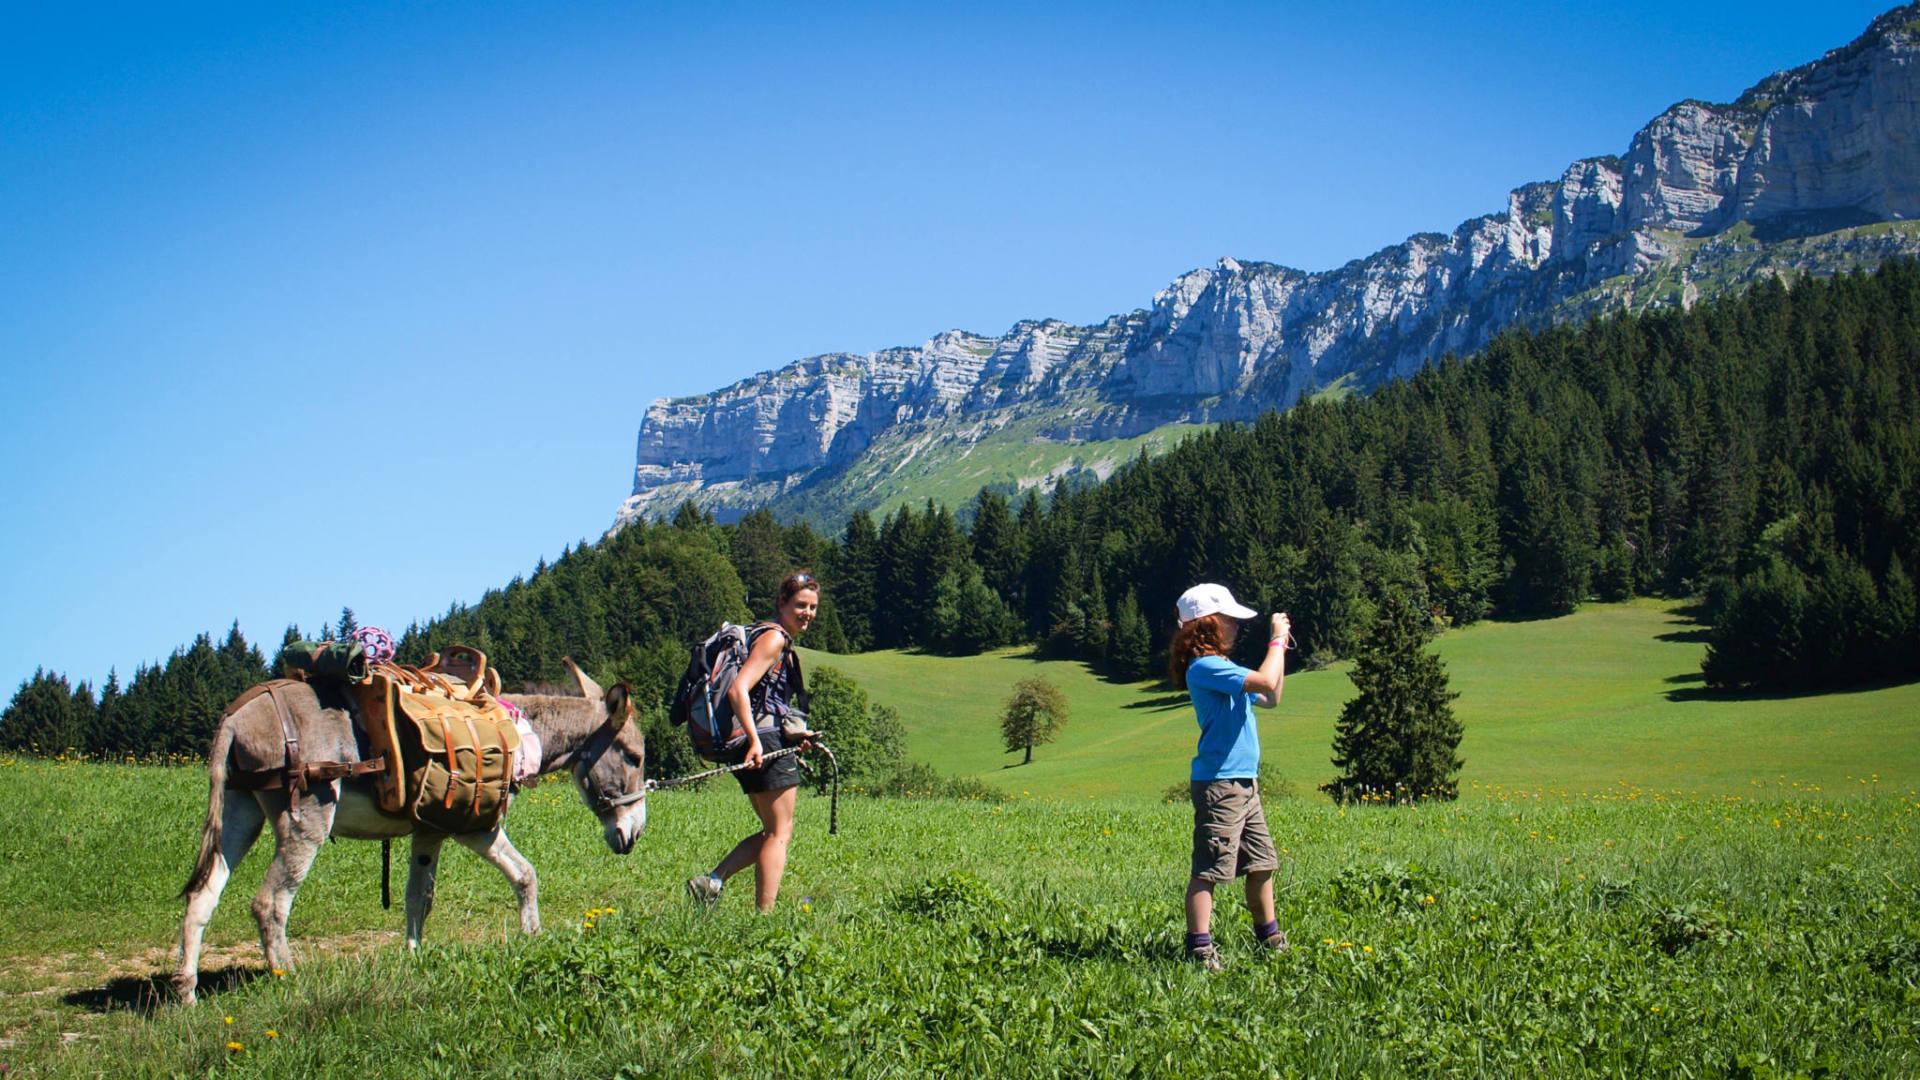 Vacances en famille : rando dans les alpages au pied du Mont Granier